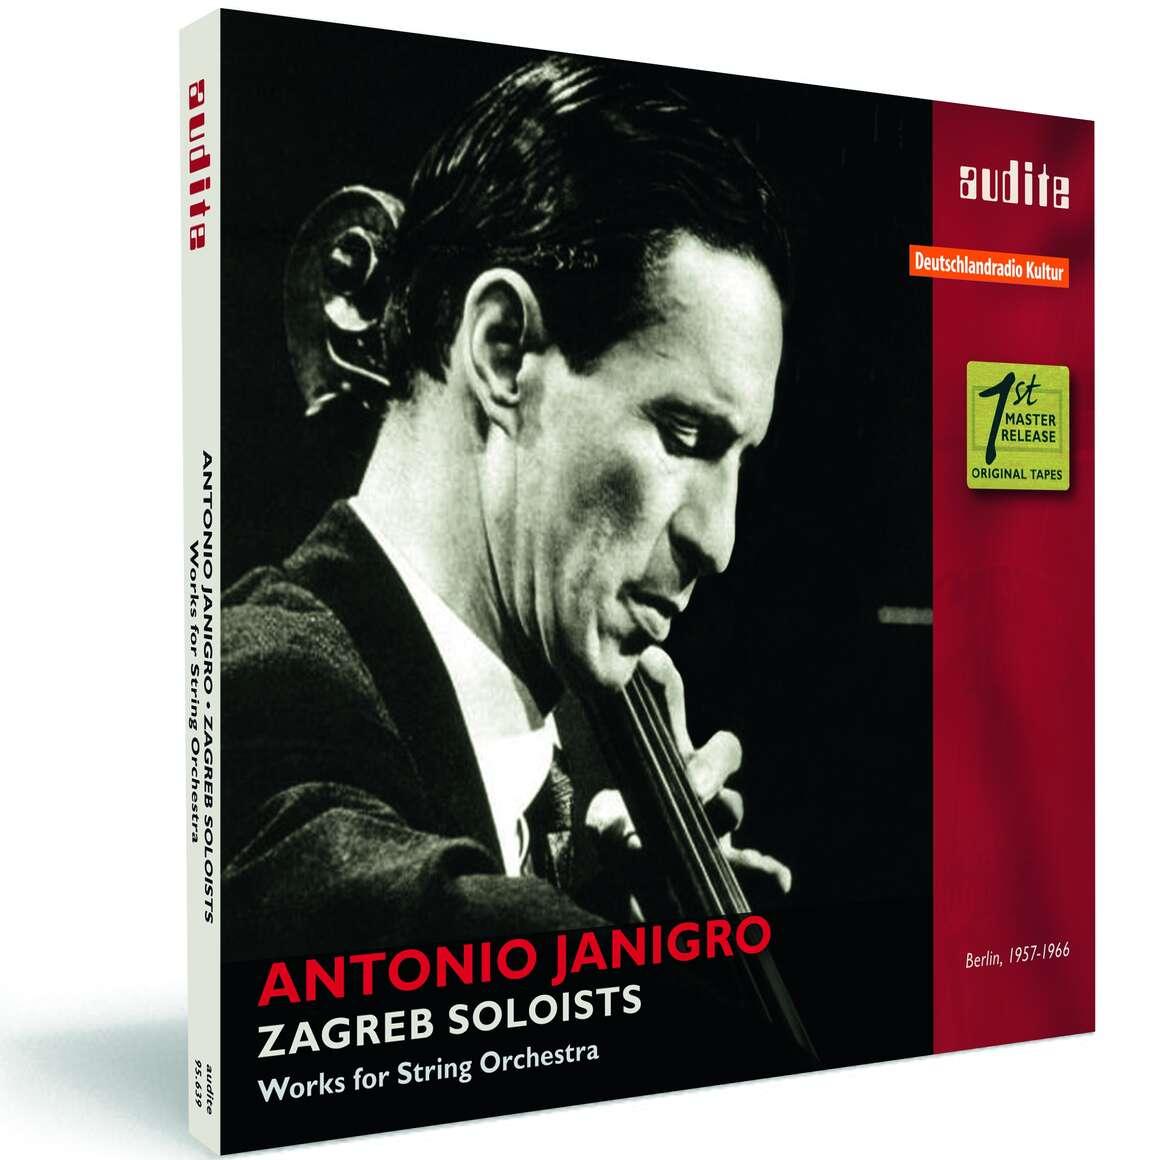 Antonio Janigro & The Zagreb Soloists